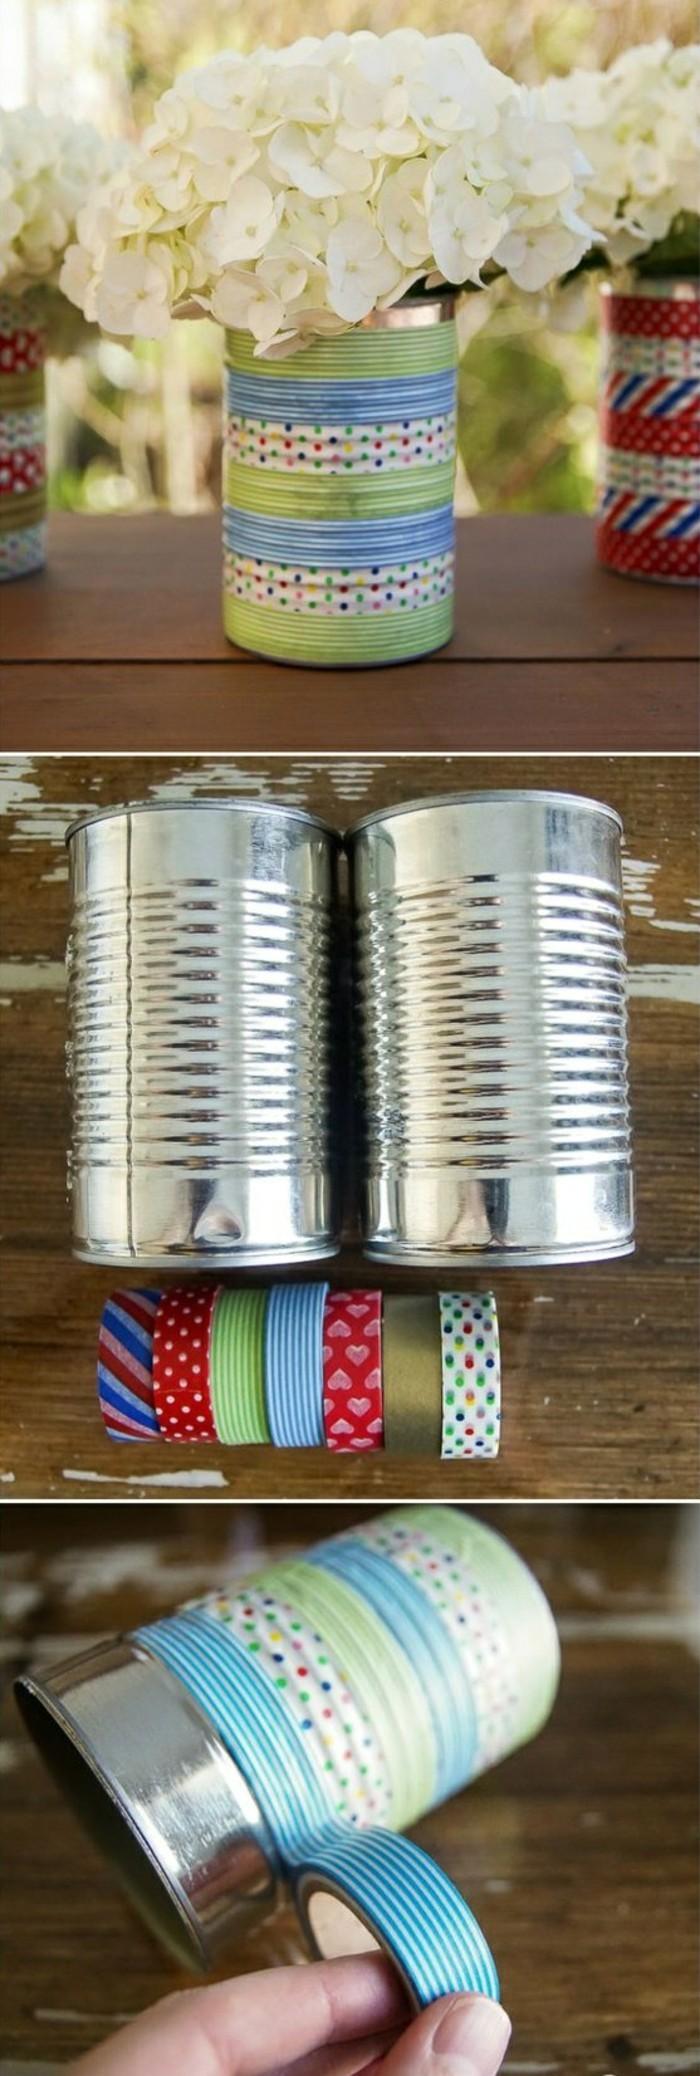 basteln-mit-konservendosen-blumentopf-waschi-tapes-weisse-blumen-selber-machen